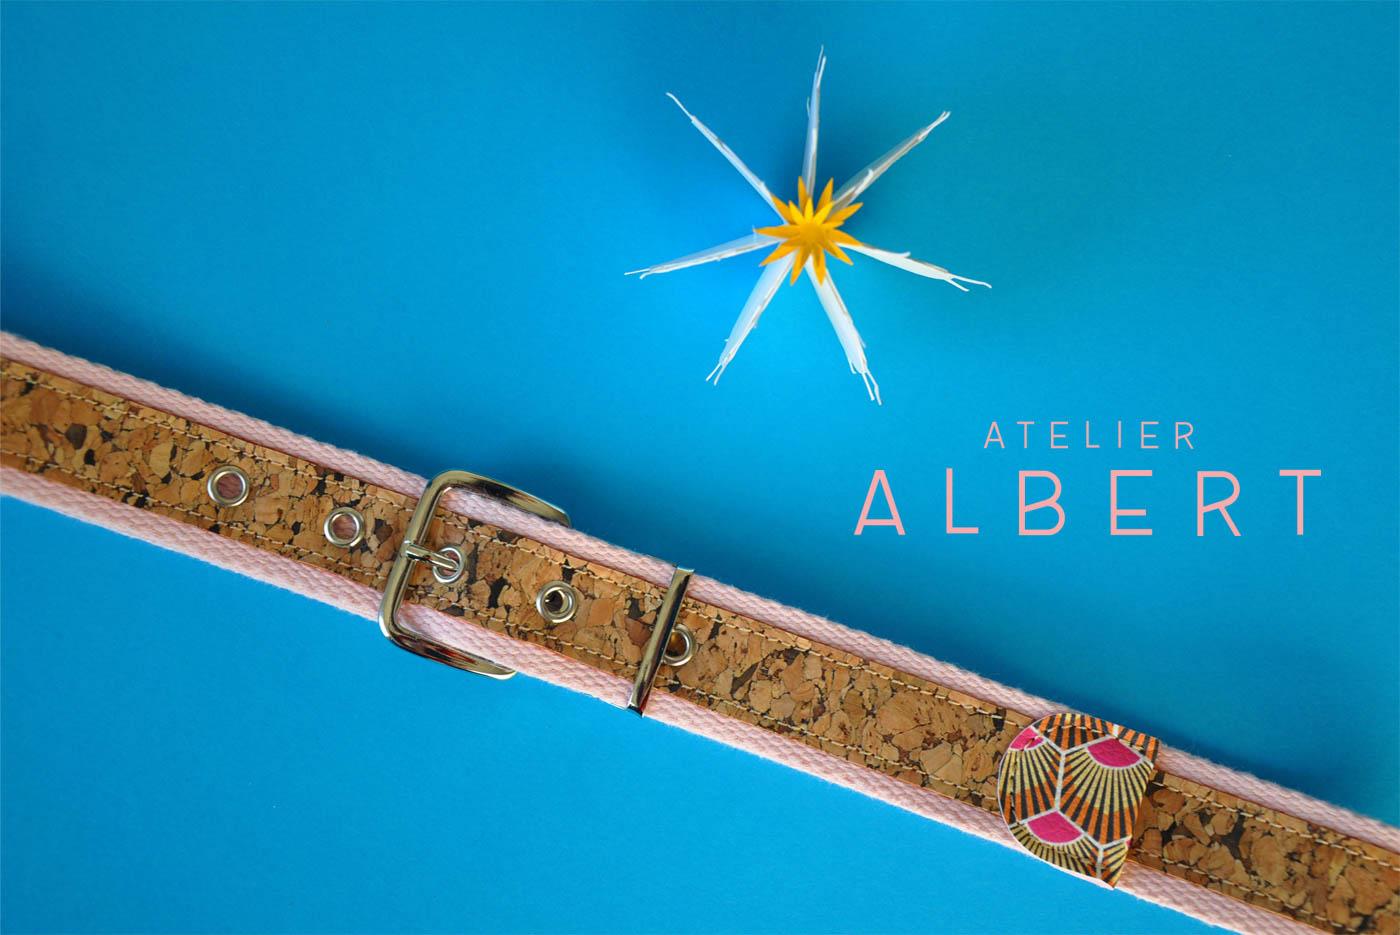 Ceinture en liège de l'Atelier Albert sur fond bleu clair